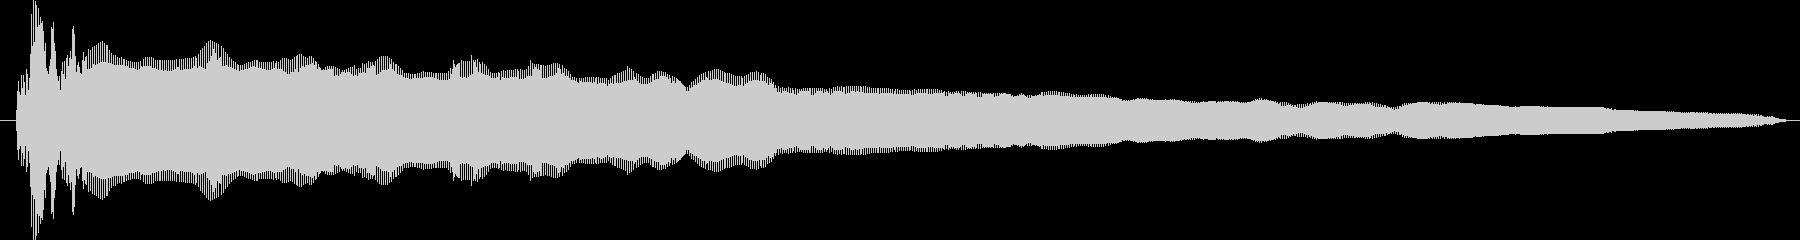 素材 ディジュリドゥジャンプスロー03の未再生の波形